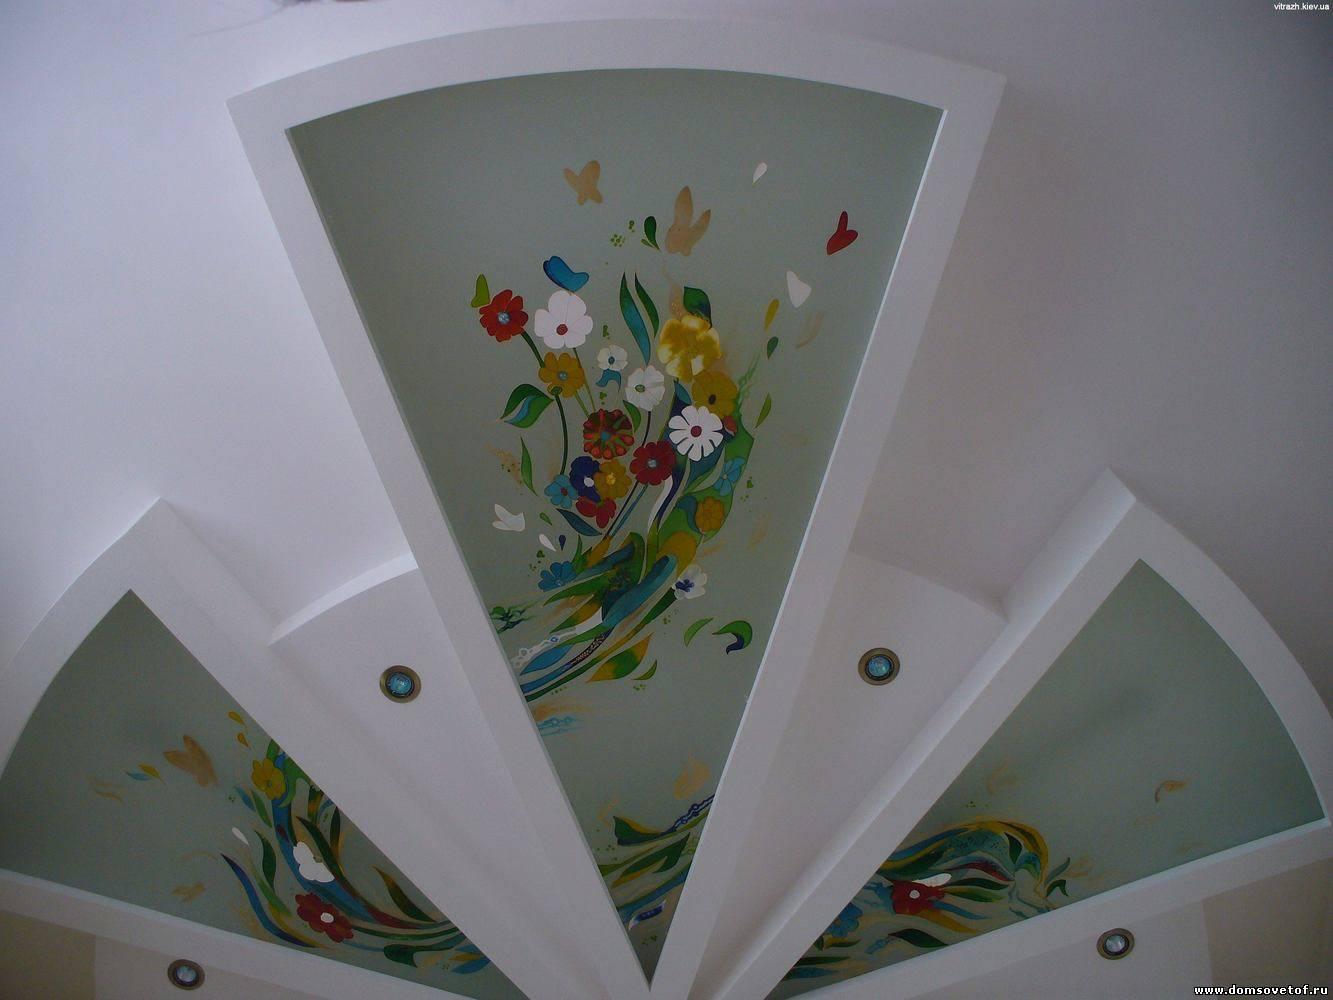 Декор потолка своими руками (38 фото обоями, тканью, и другие) 83